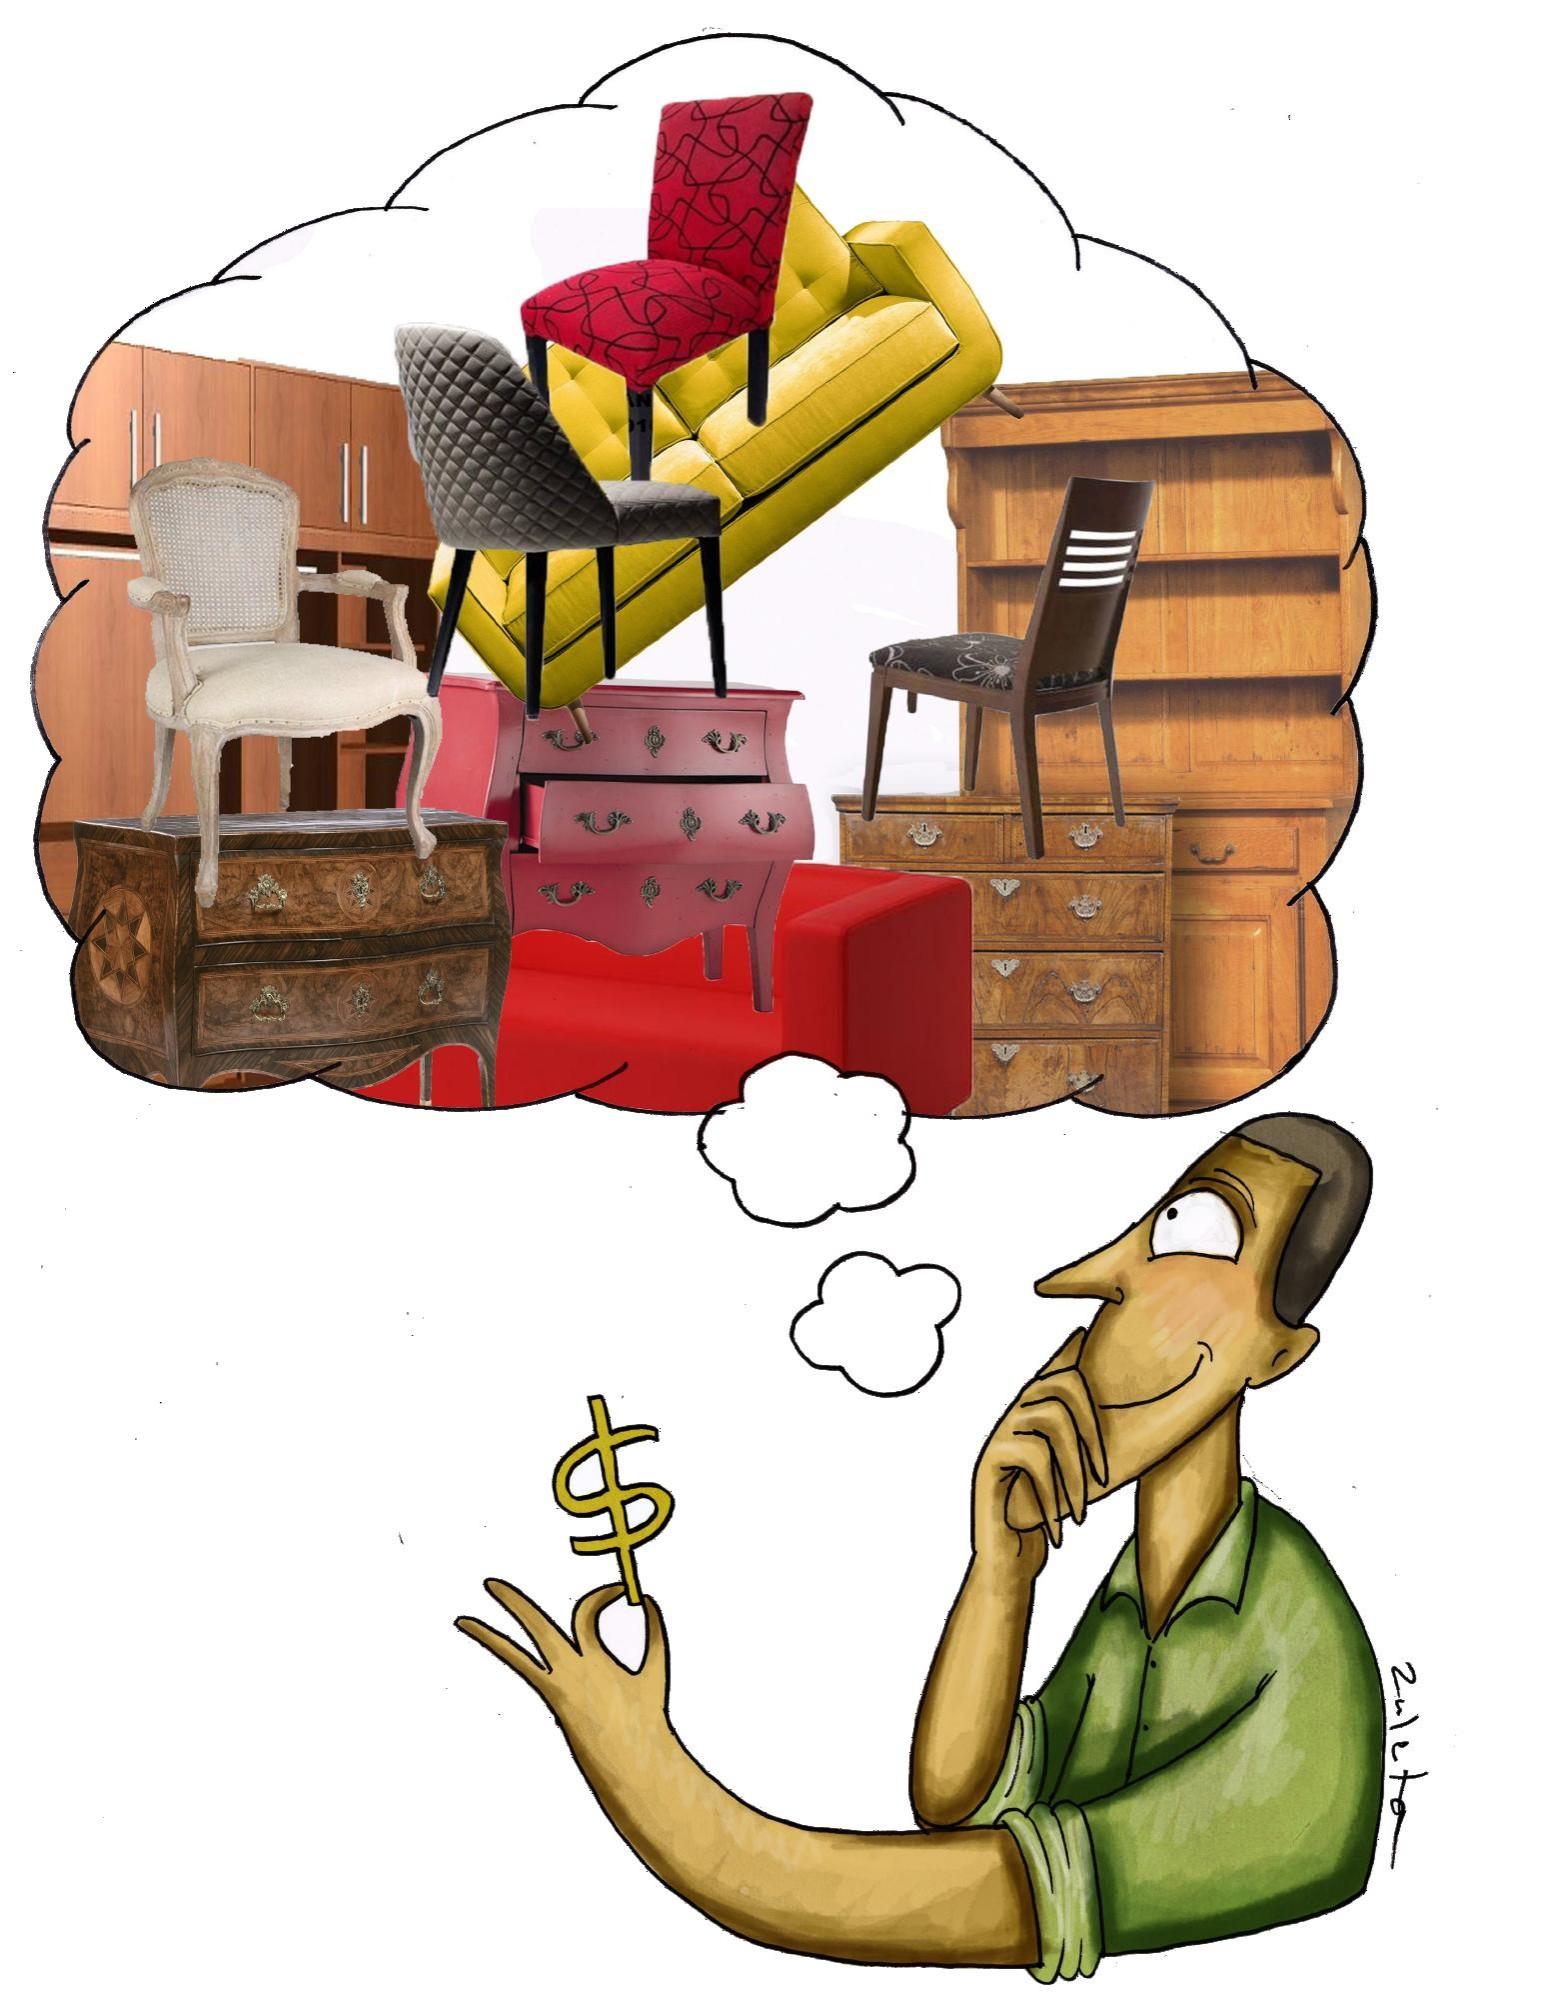 Claves para amueblar su casa con poco dinero - Amueblar una casa con poco dinero ...